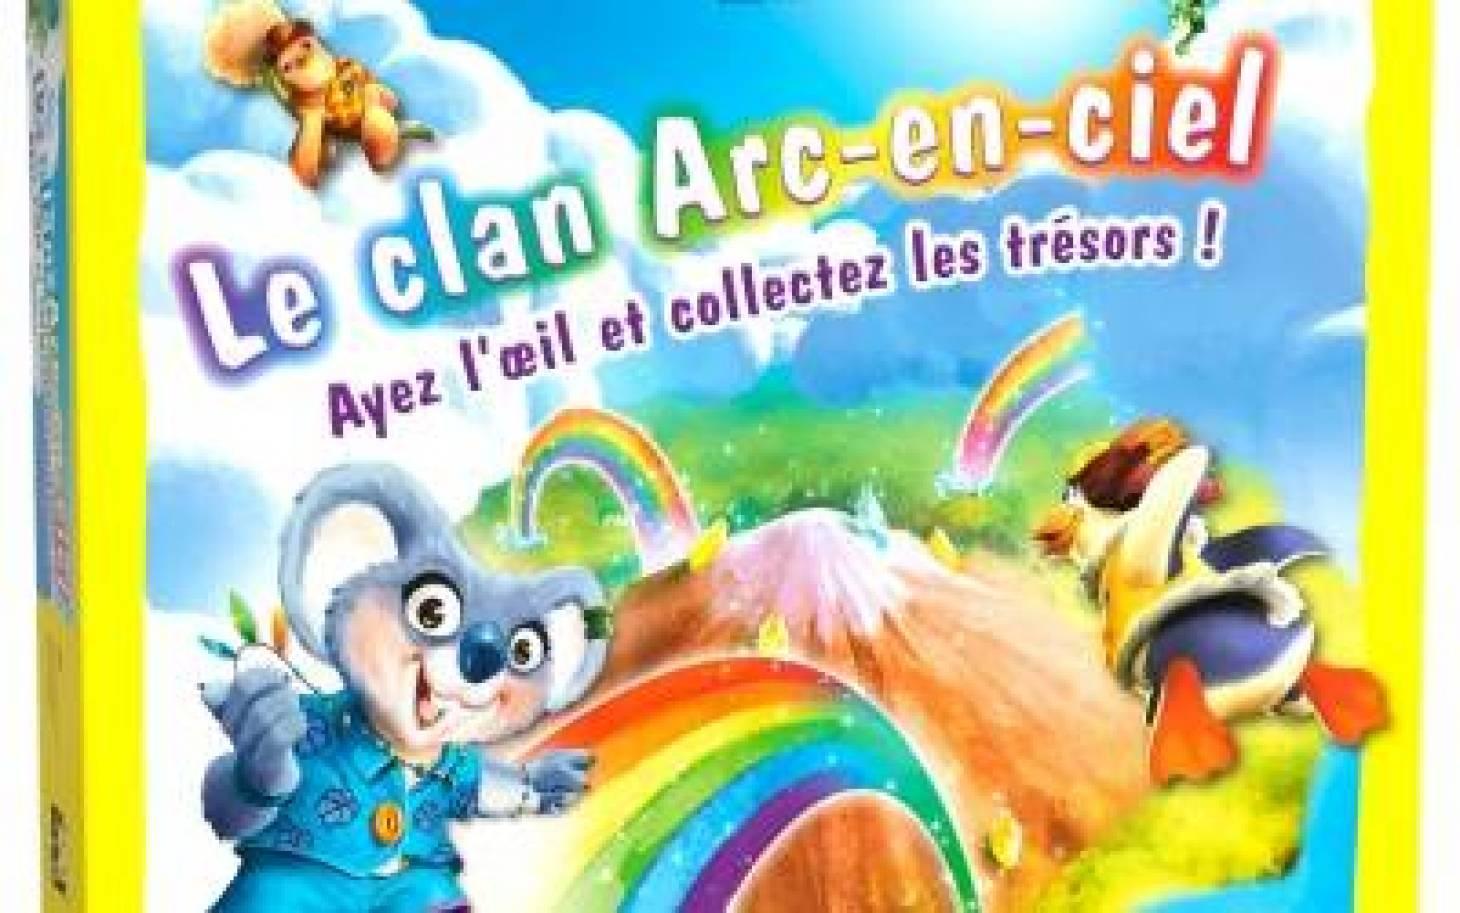 Le Clan Arc-en-ciel